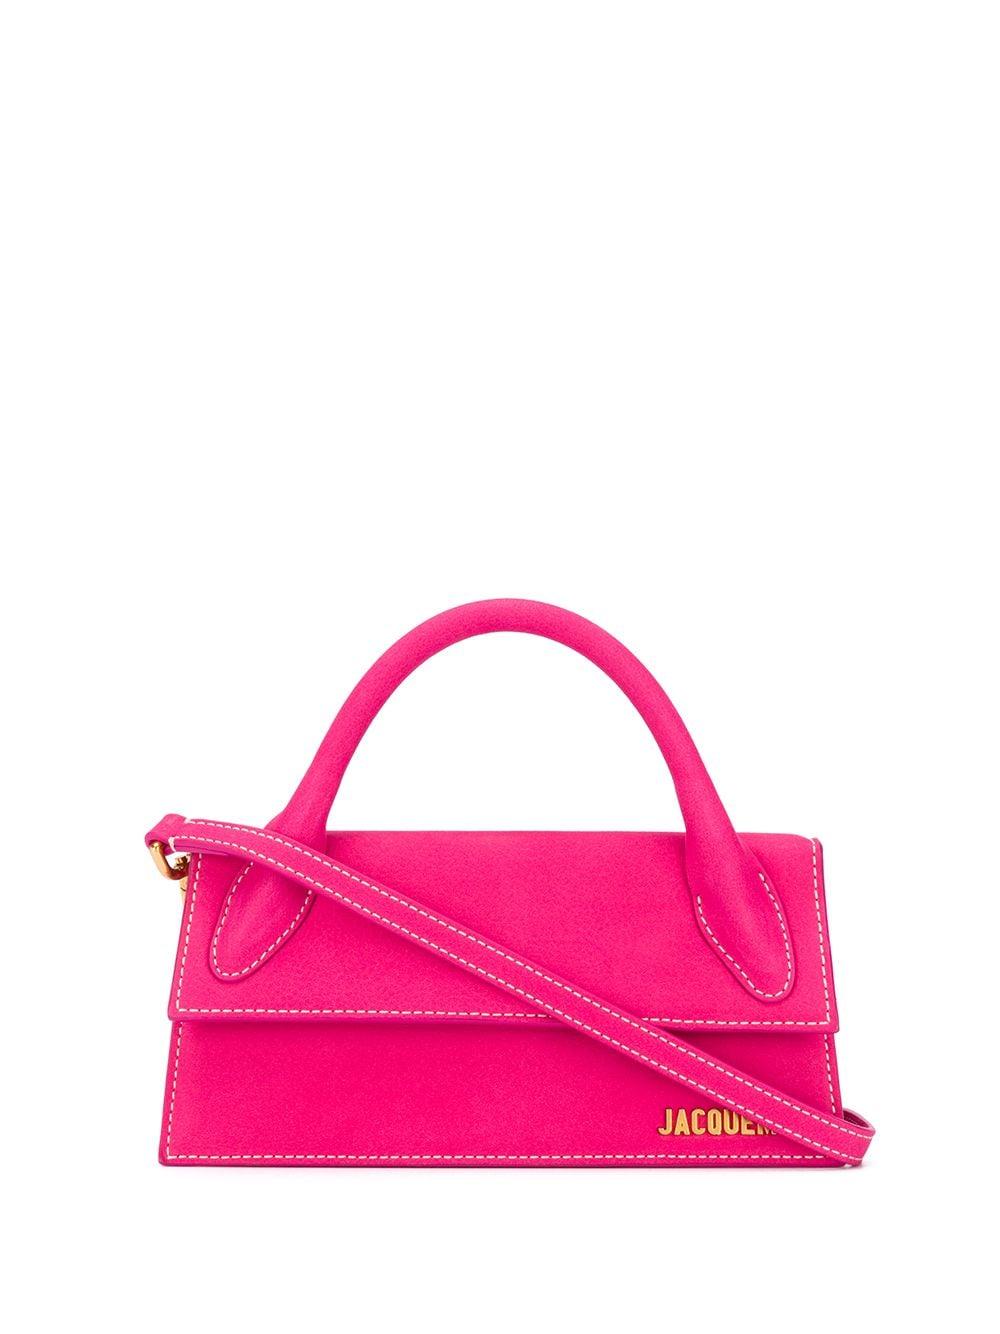 Le Chiquito Long Leather Handbag